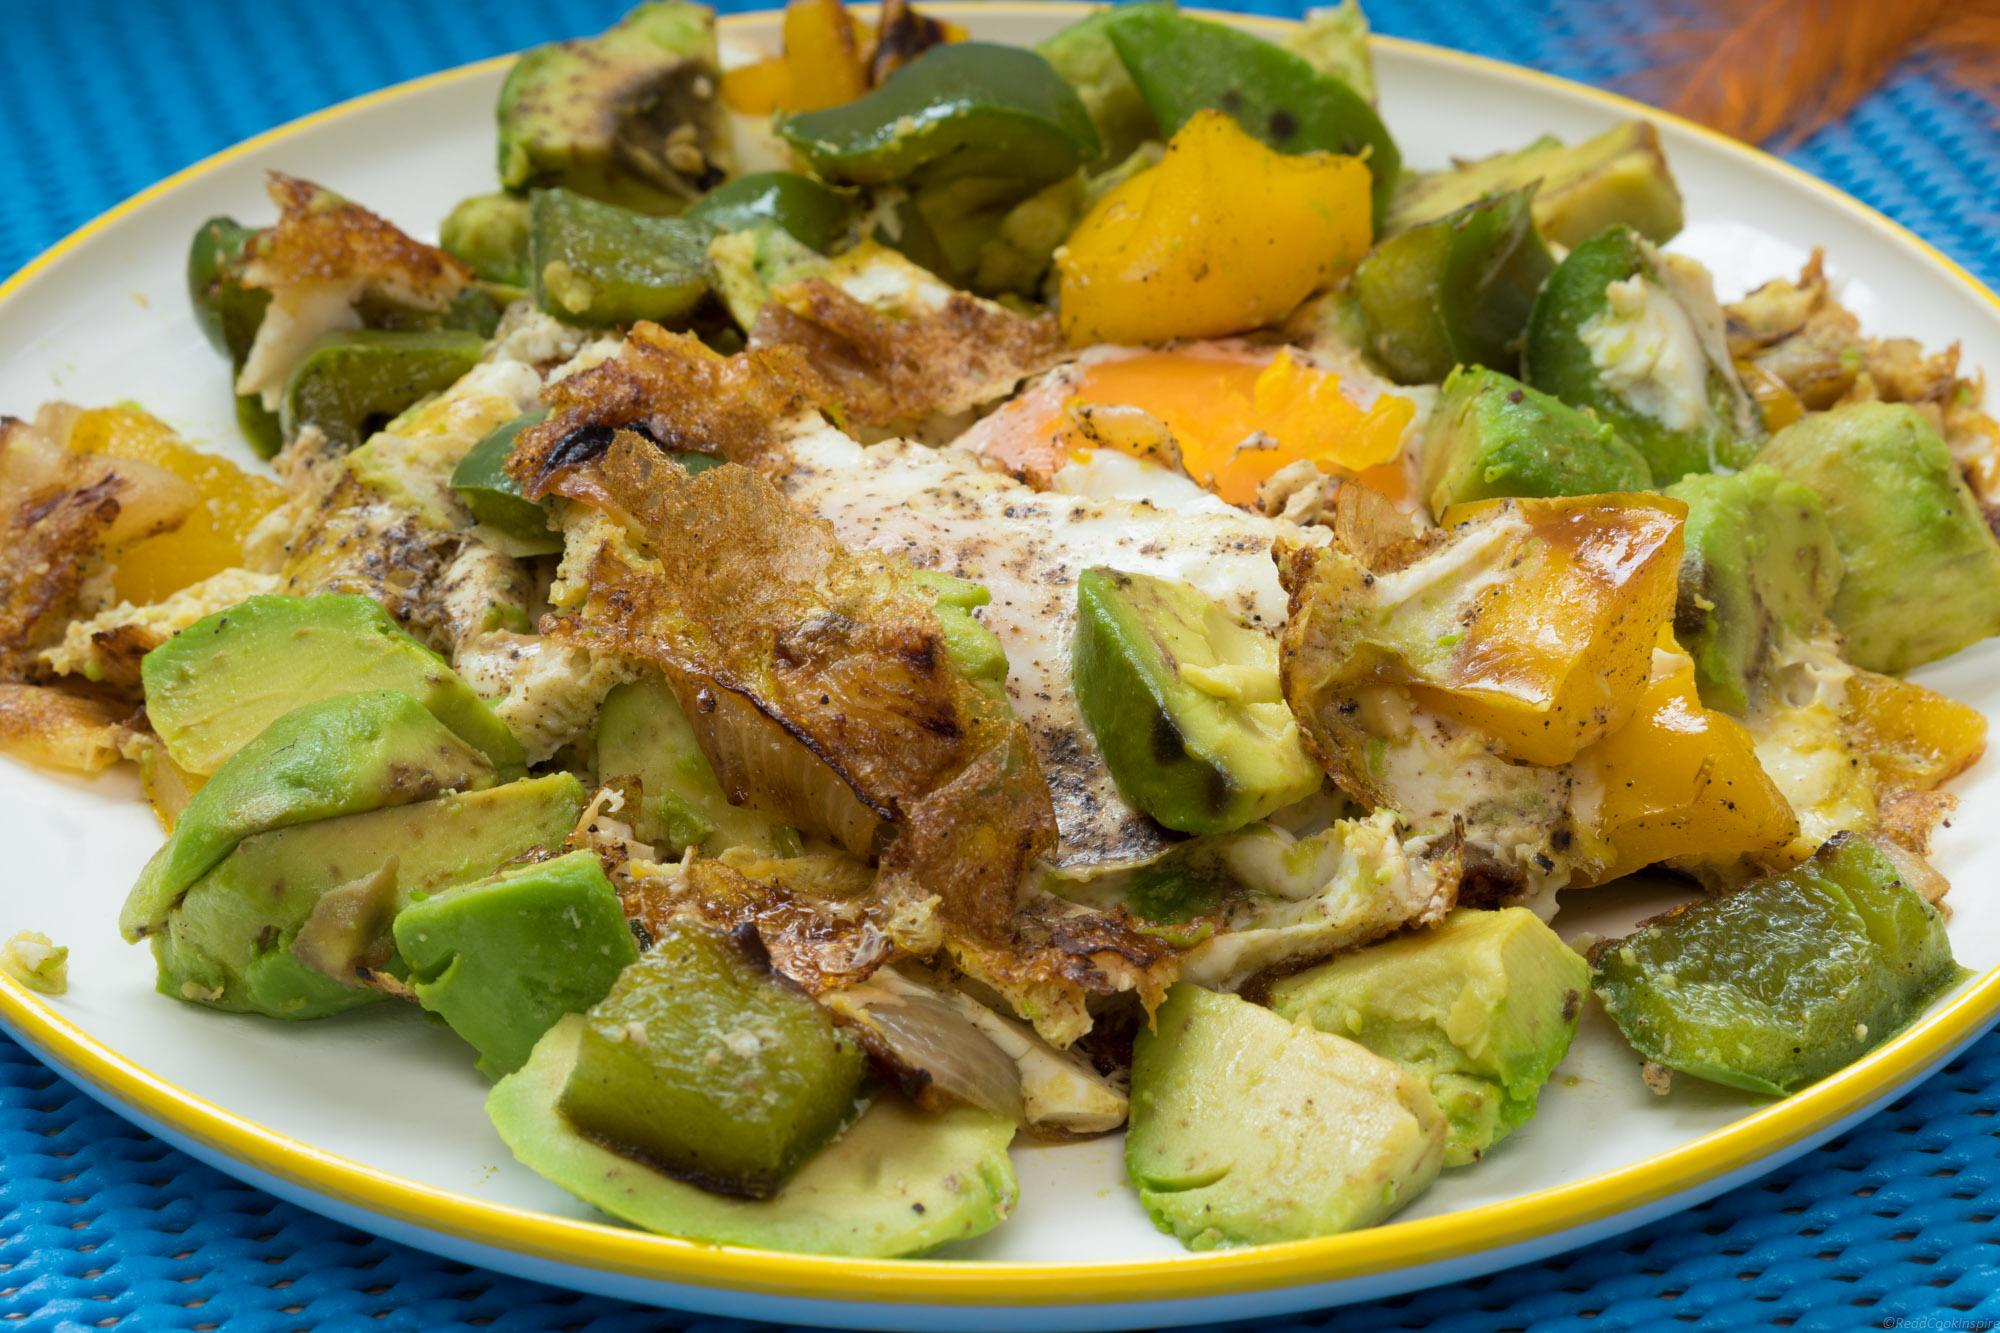 Pan-fried Egg Avocado